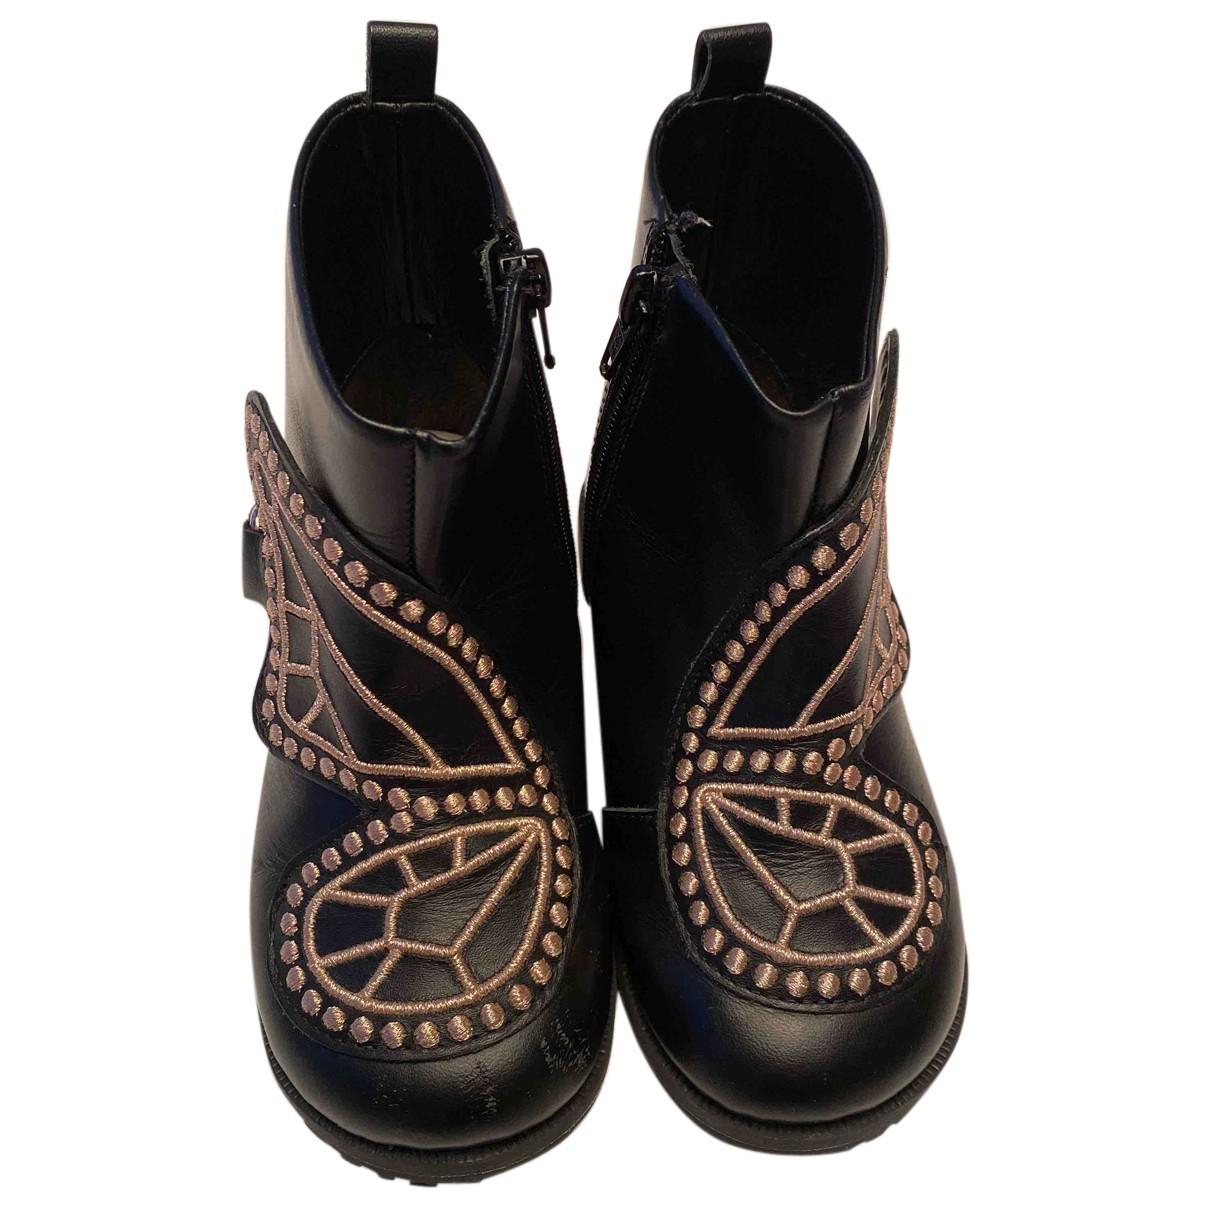 Sophia Webster N Black Leather Boots for Kids 27 FR